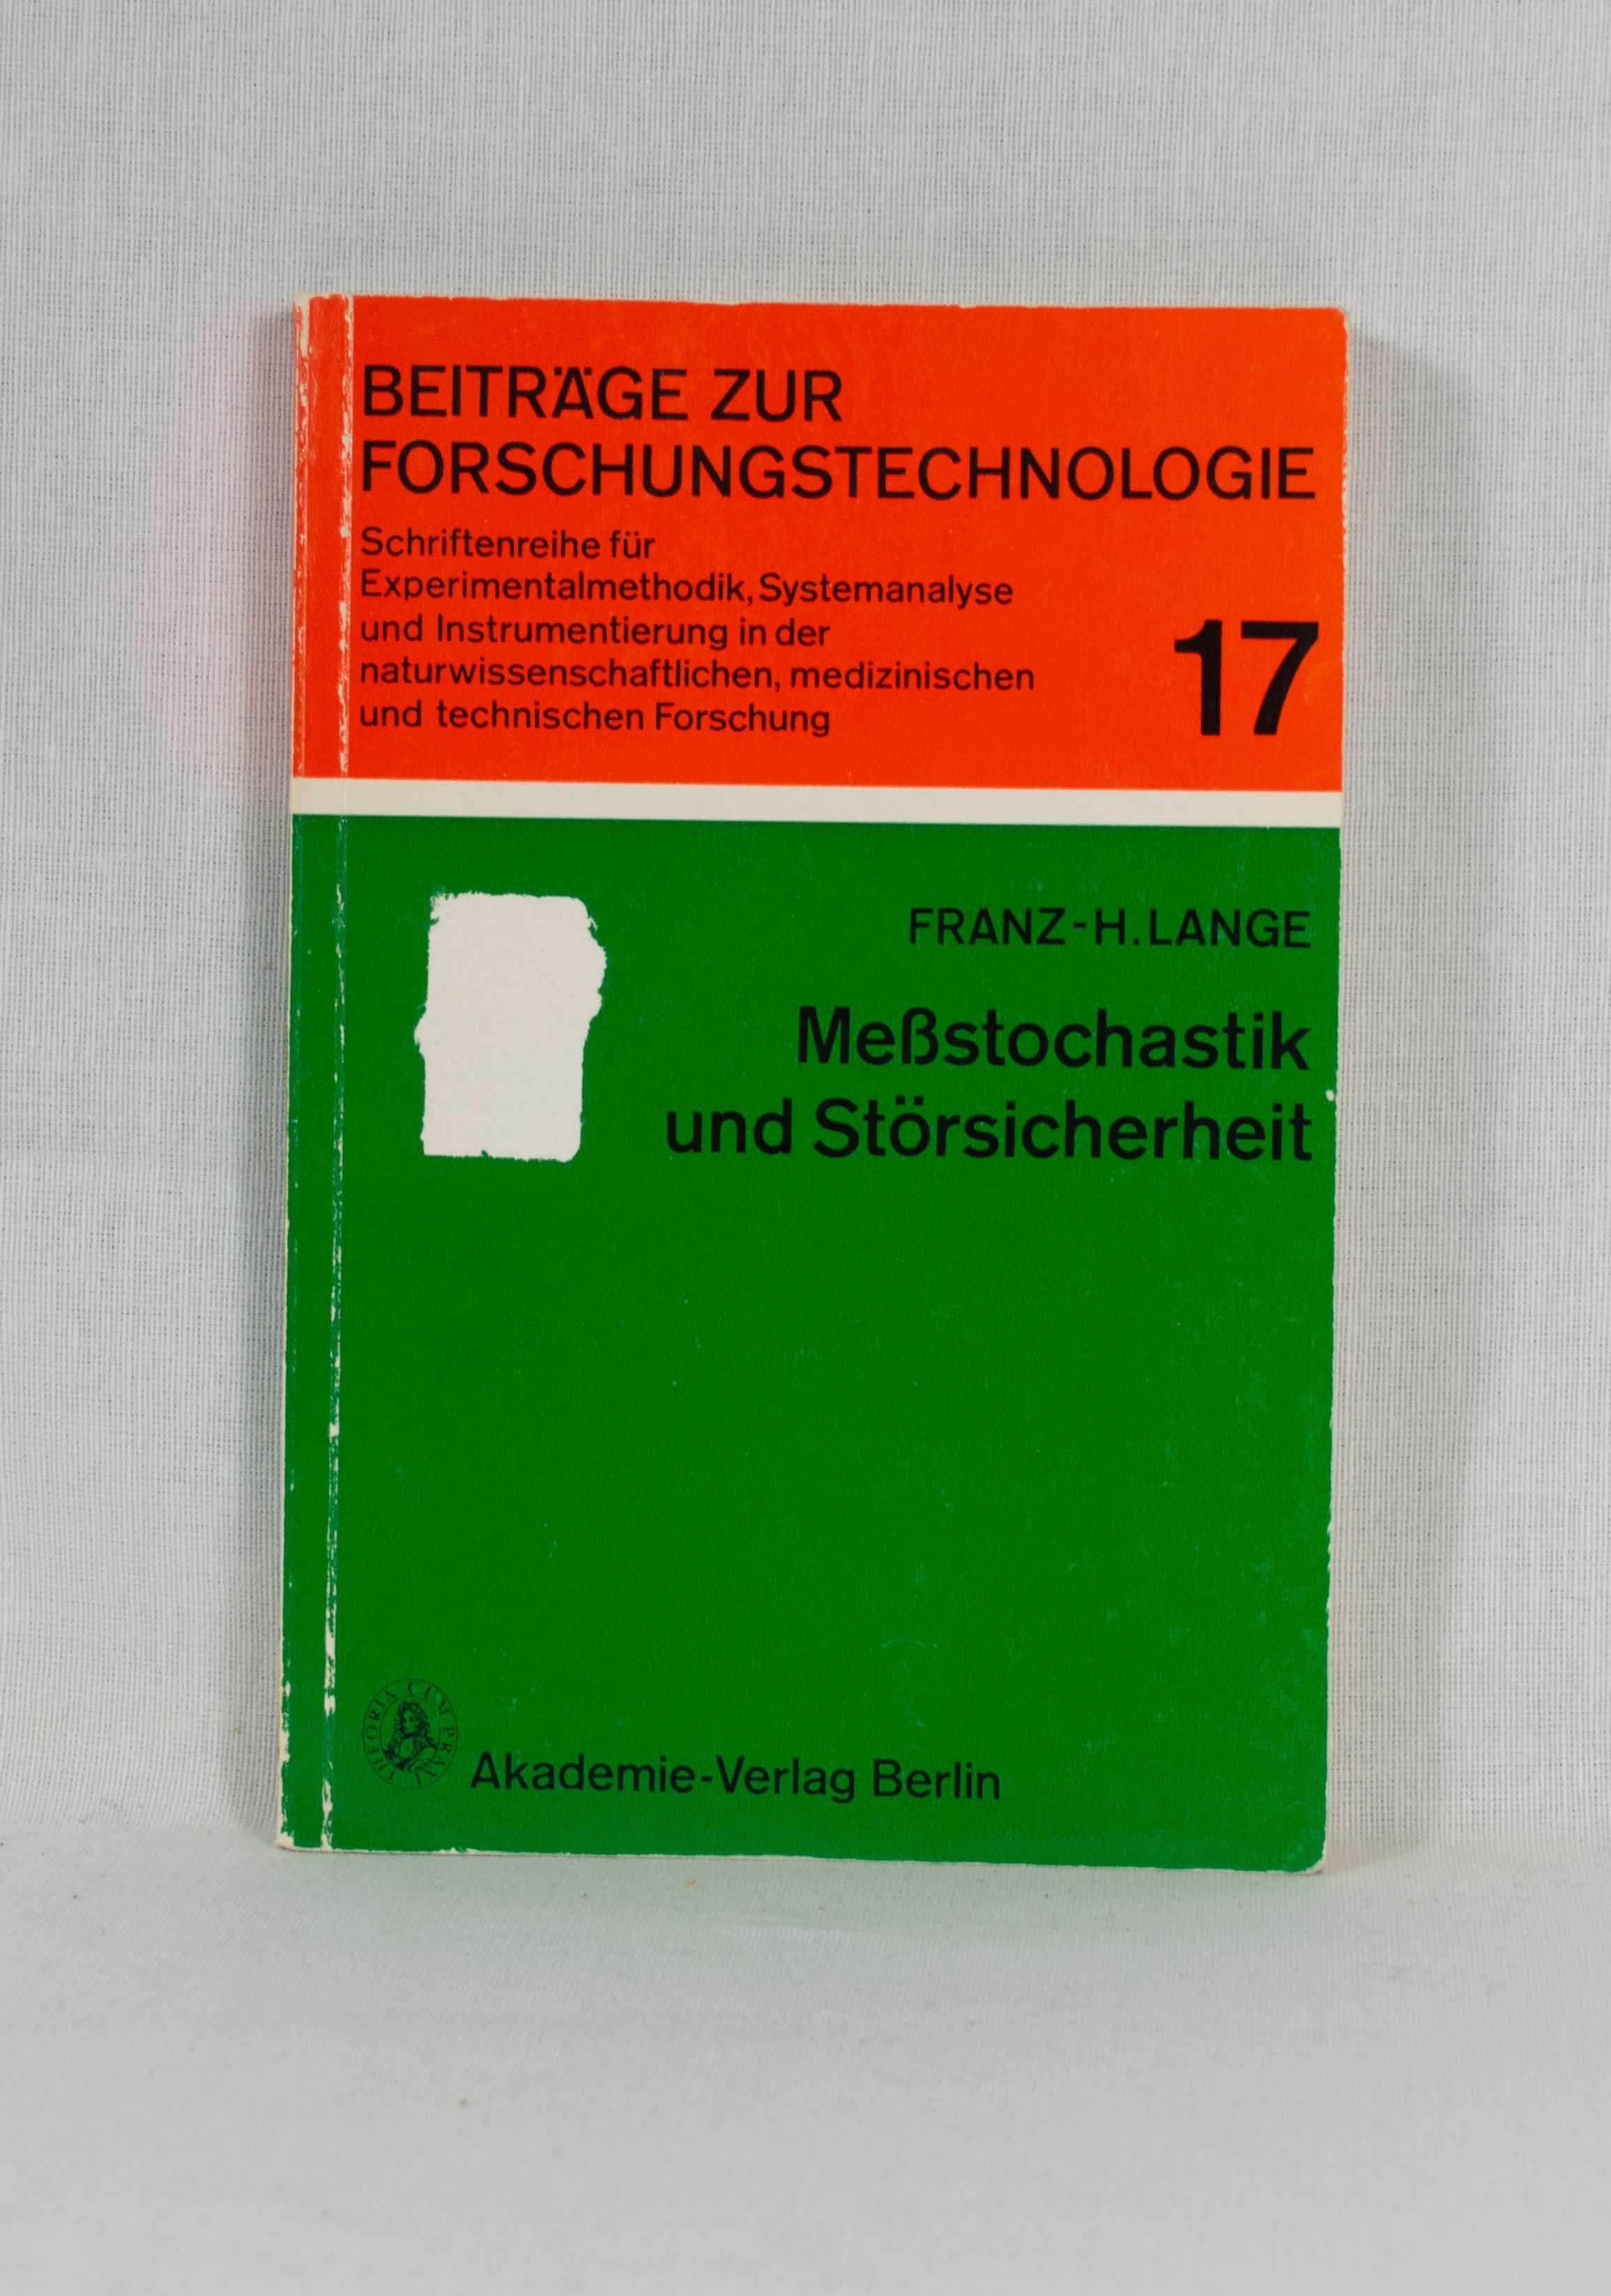 Meßstochastik und Störsicherheit: Ein Beitrag zur Methodik der Informationstechnik. (= Beiträge zur Forschungstechnologie, Bd. 17).